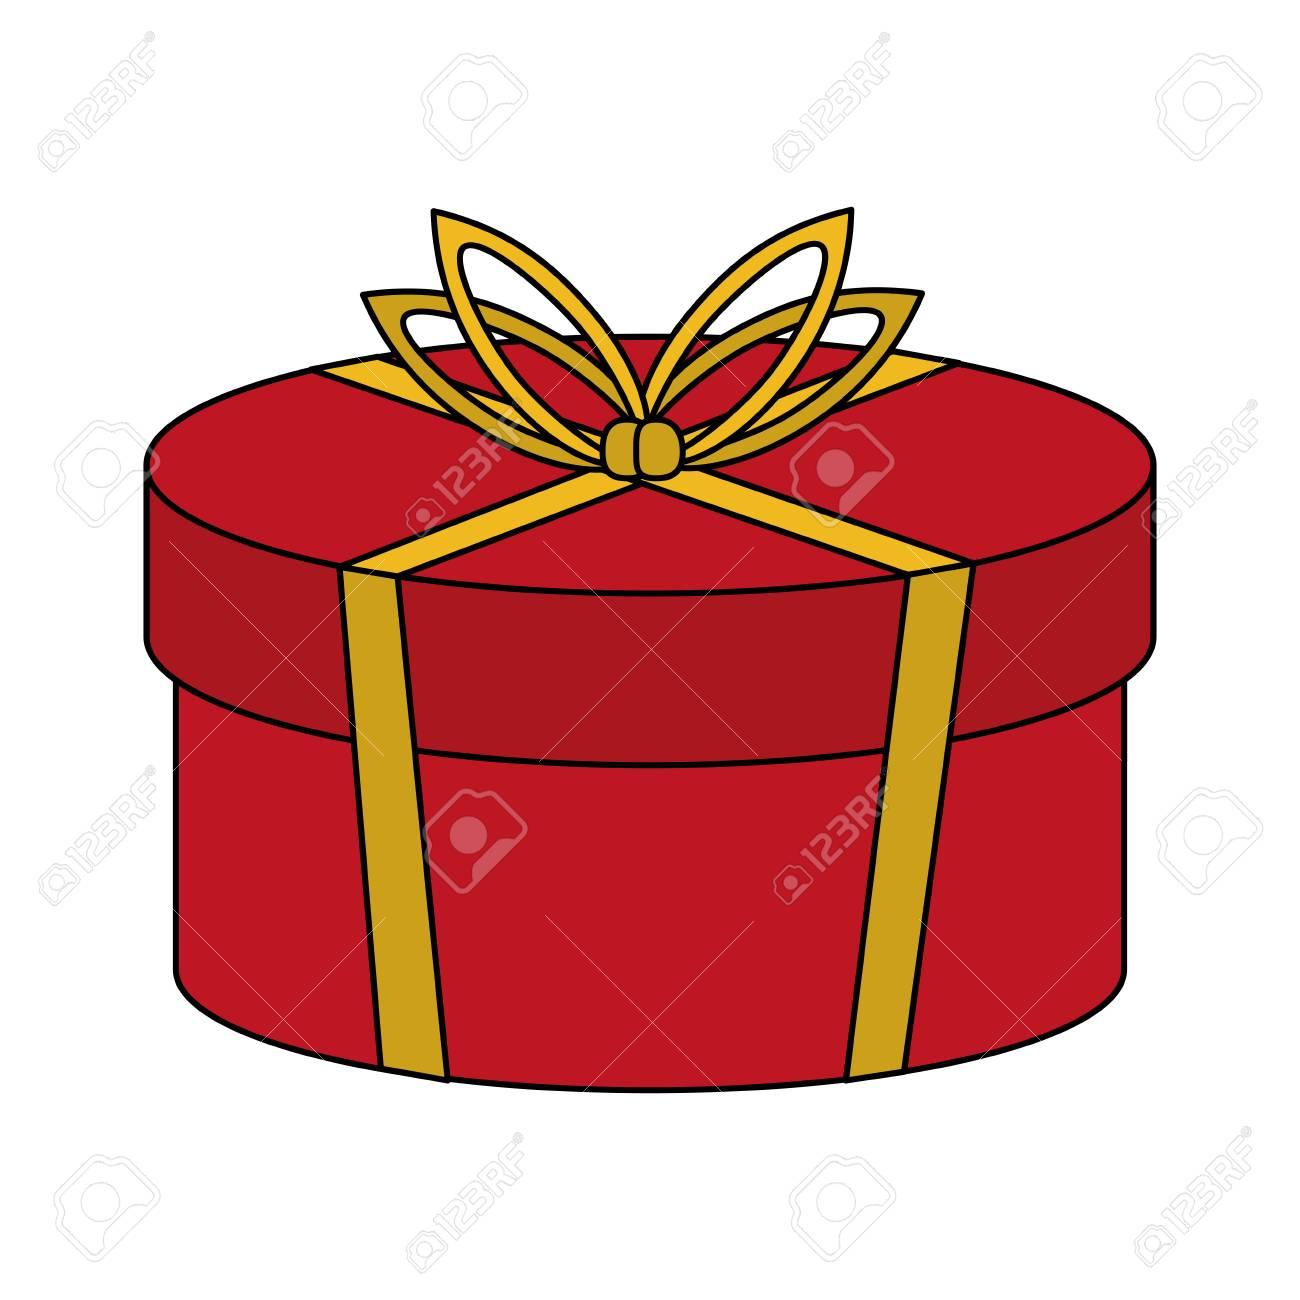 Couleur Image Dessin Animé Noël Arrondi Boite Cadeau Avec Illustration Vectorielle Archet Bow